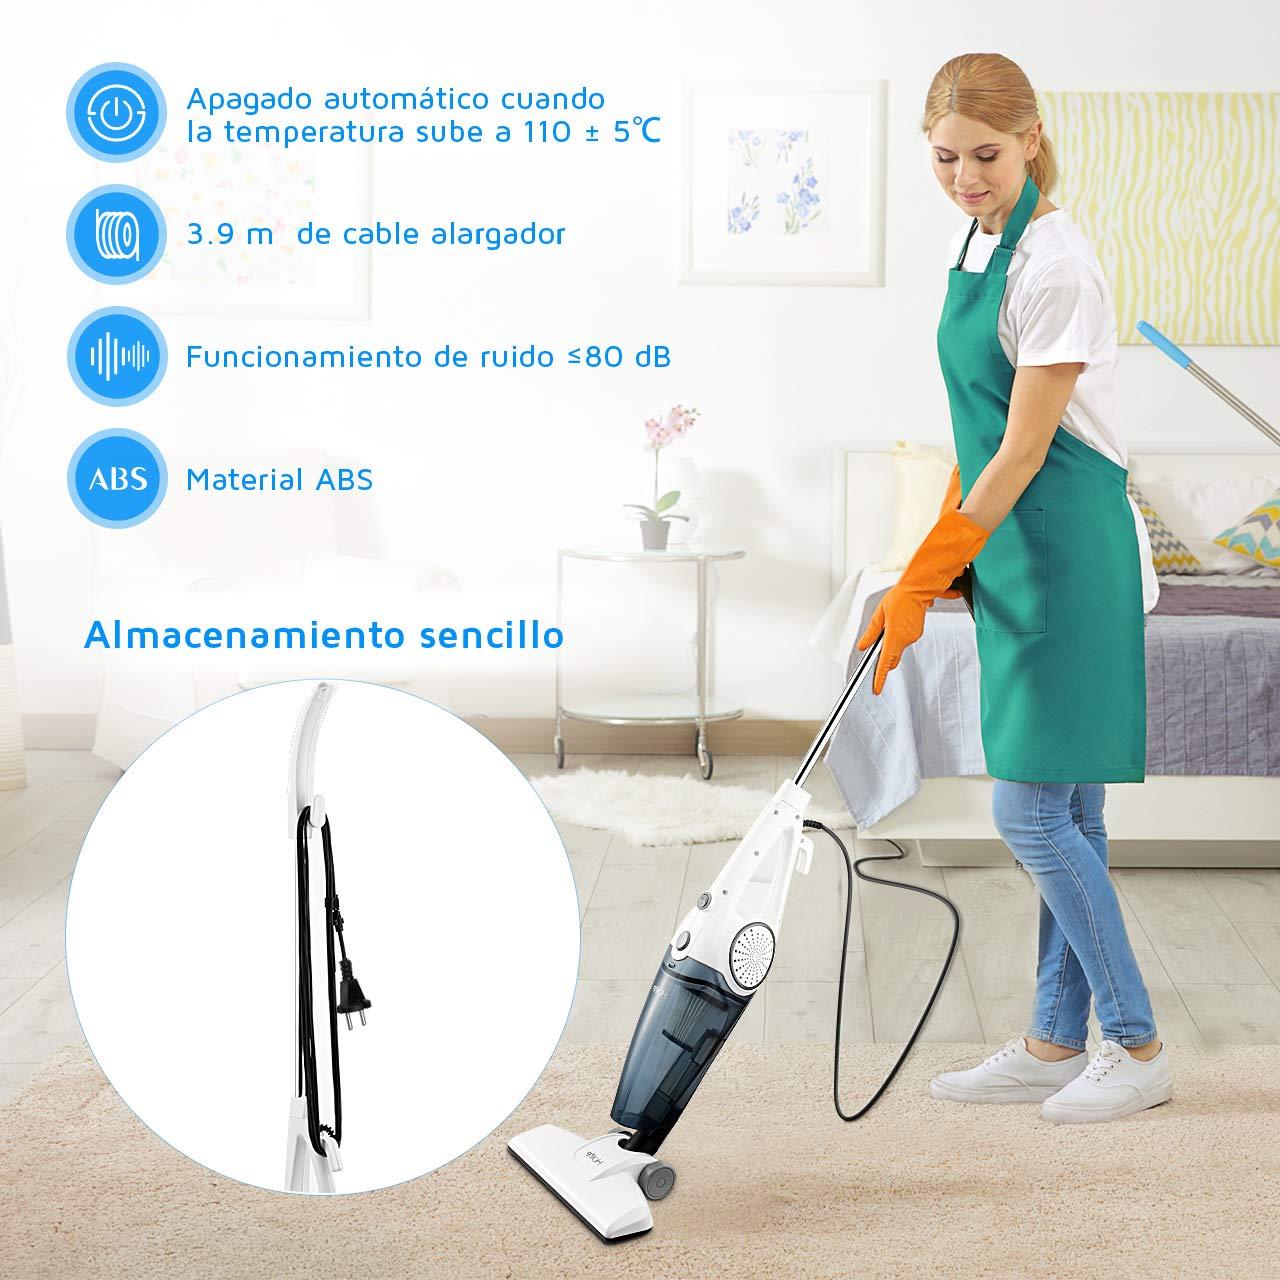 2019 Nuevo Aspirador de Pie con 2Filtro HEPA Reutilizable Clase de Eficiencia Energ/ética A Aspirador Vertical /& de Mano 2 en 1 Holife Aspiradora Escoba Potencia de 12Kpa 600W